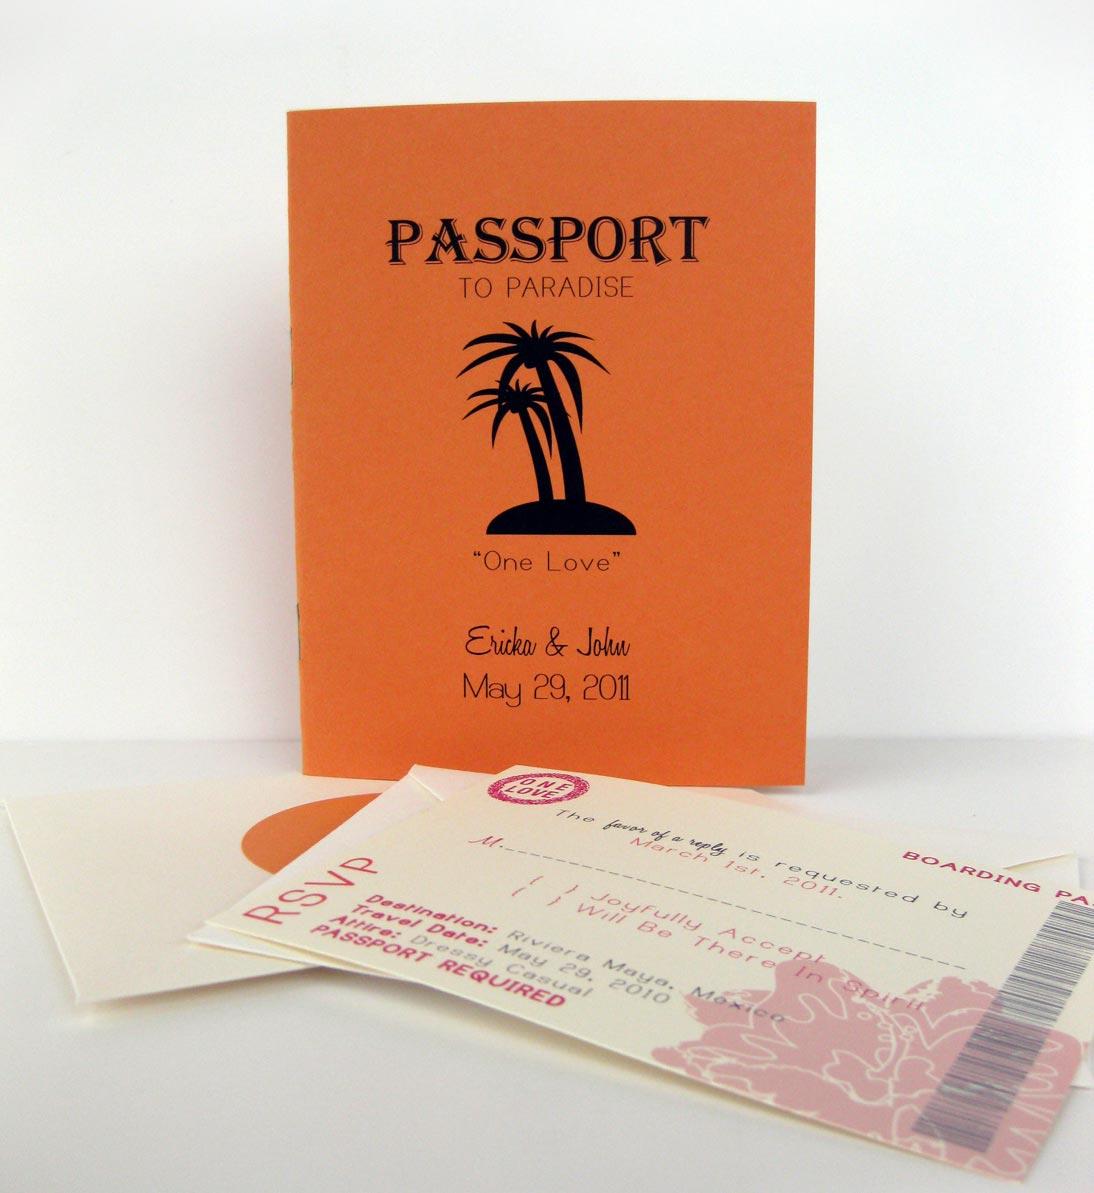 Thiệp cưới đẹp màu cam kiểu passport